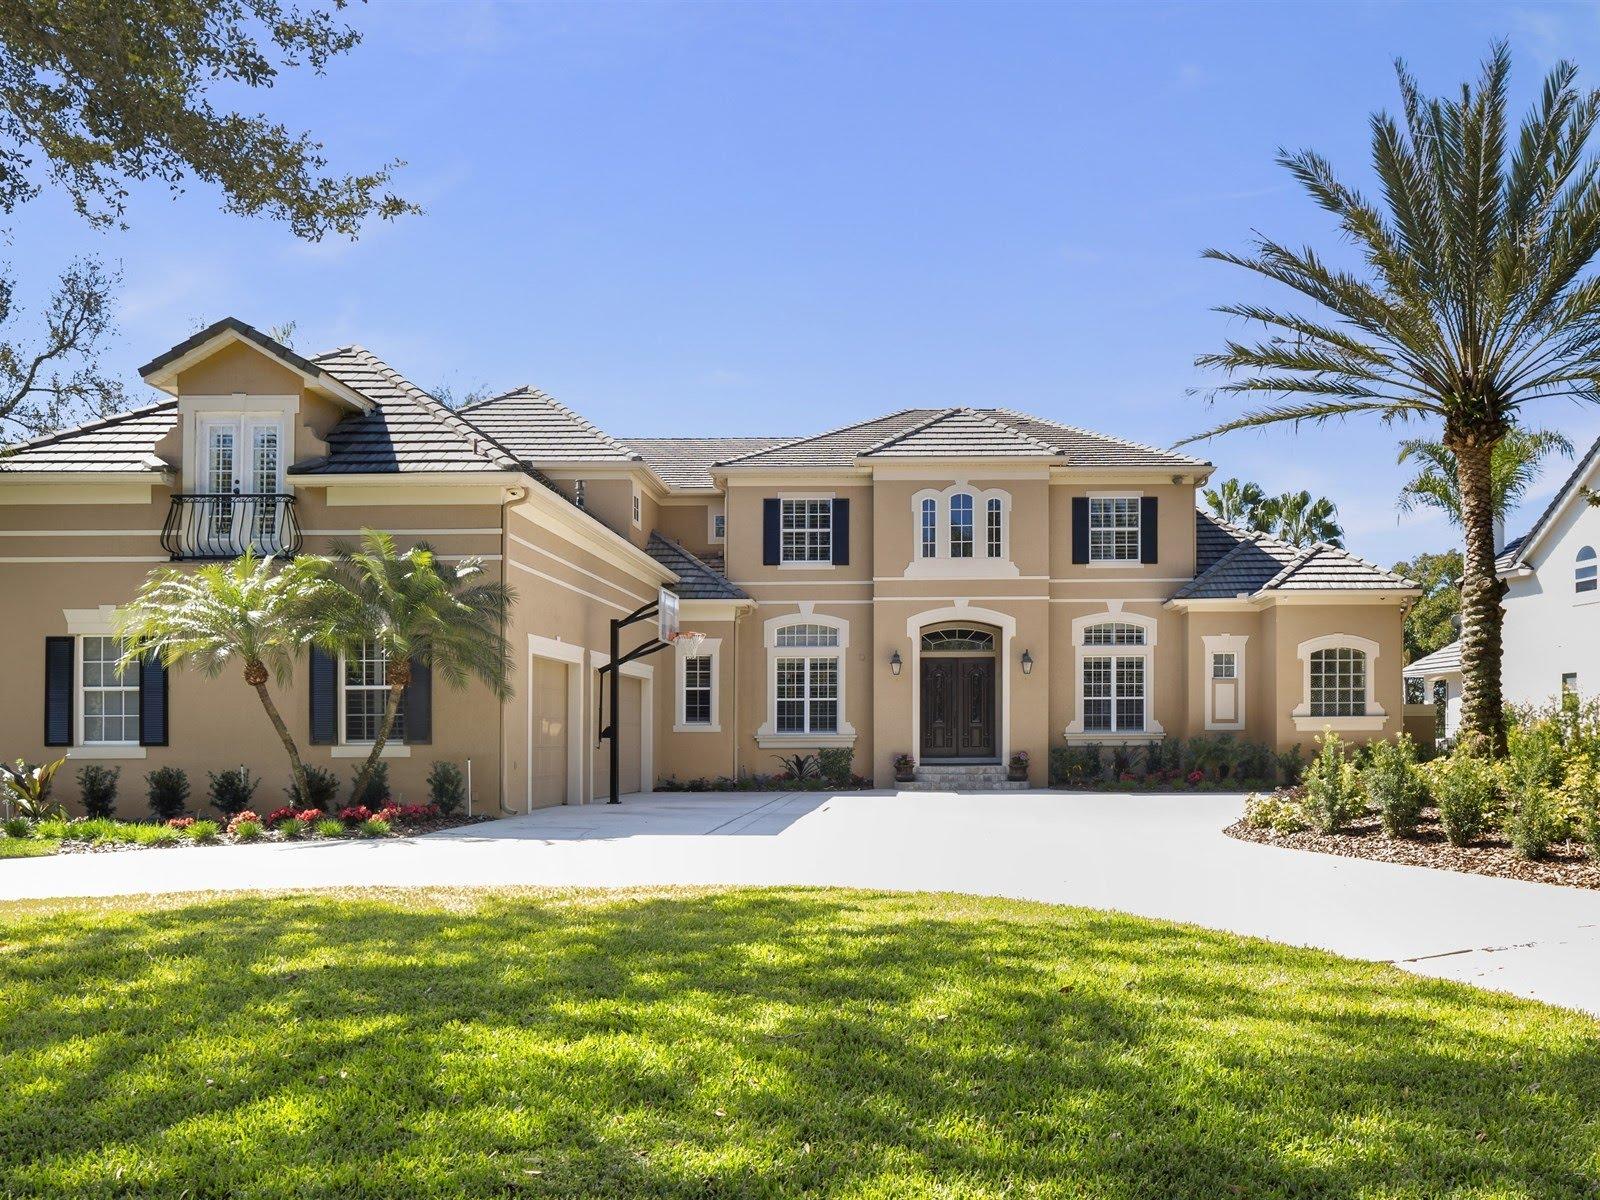 alugar casa em orlando